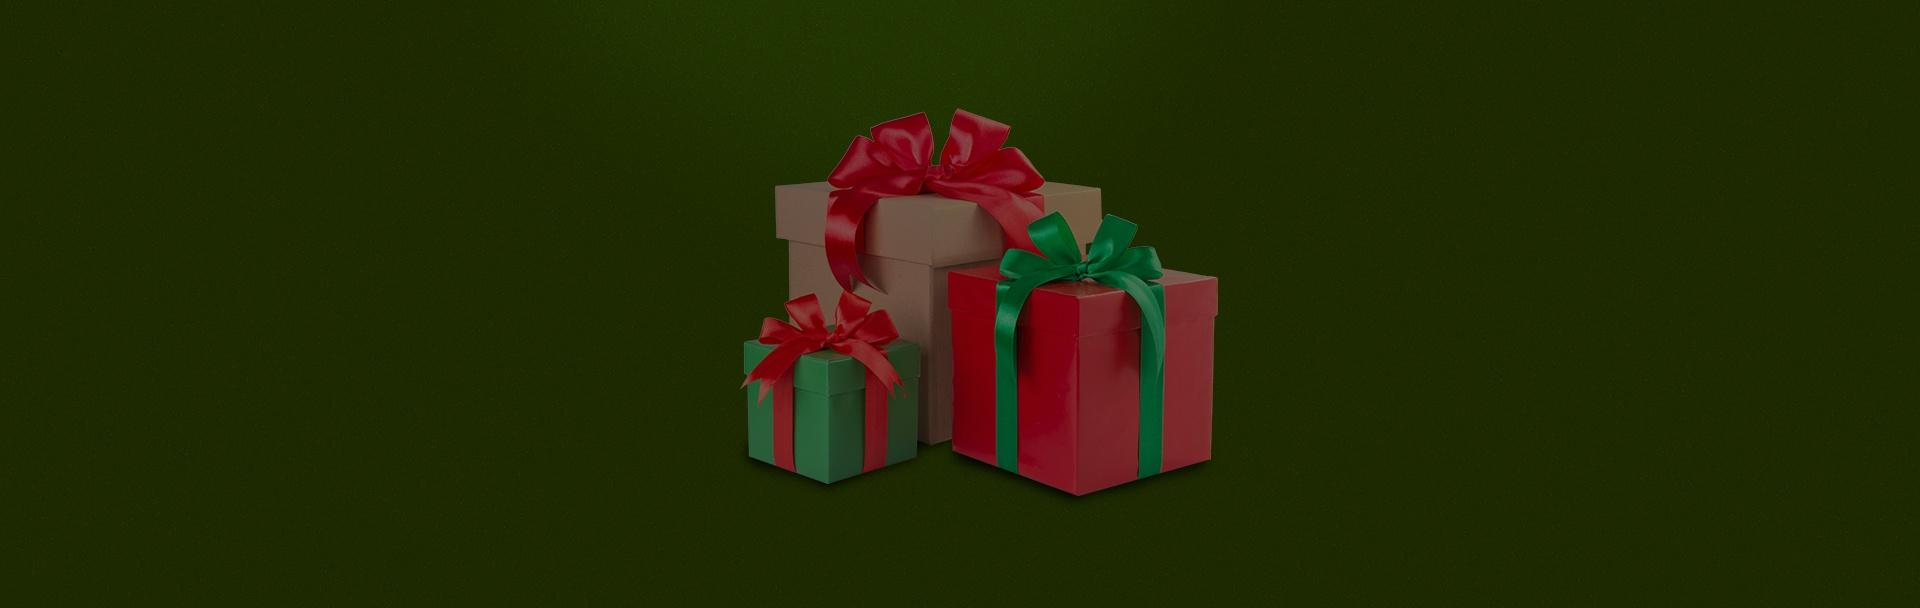 solucionweb-banner-blog-felices-fiestas-ventas.jpg